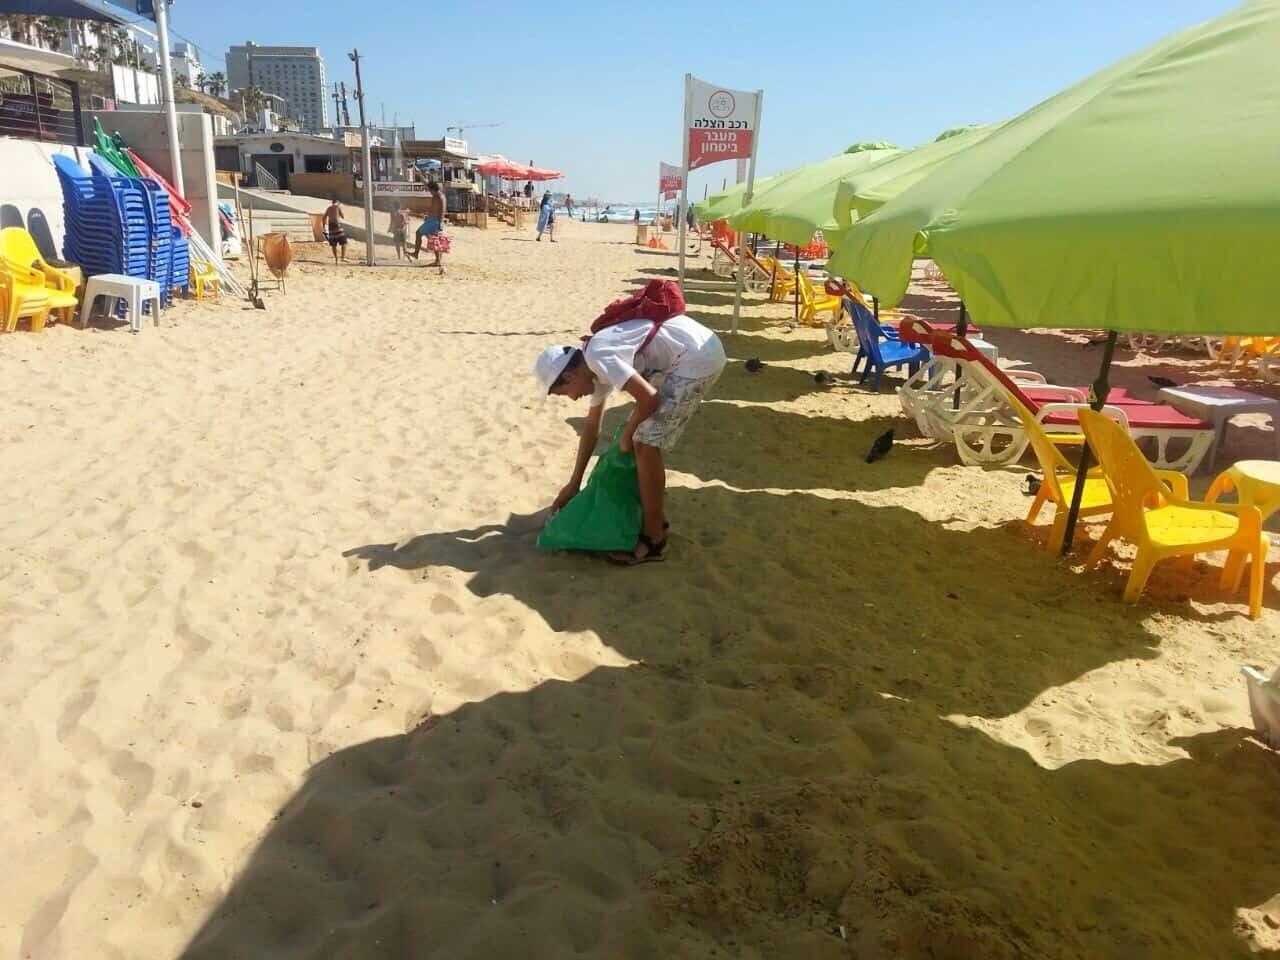 נציג סיירת מרחב בפעילות בחוף, צילום: באדיבות דוברות עיריית בת ים